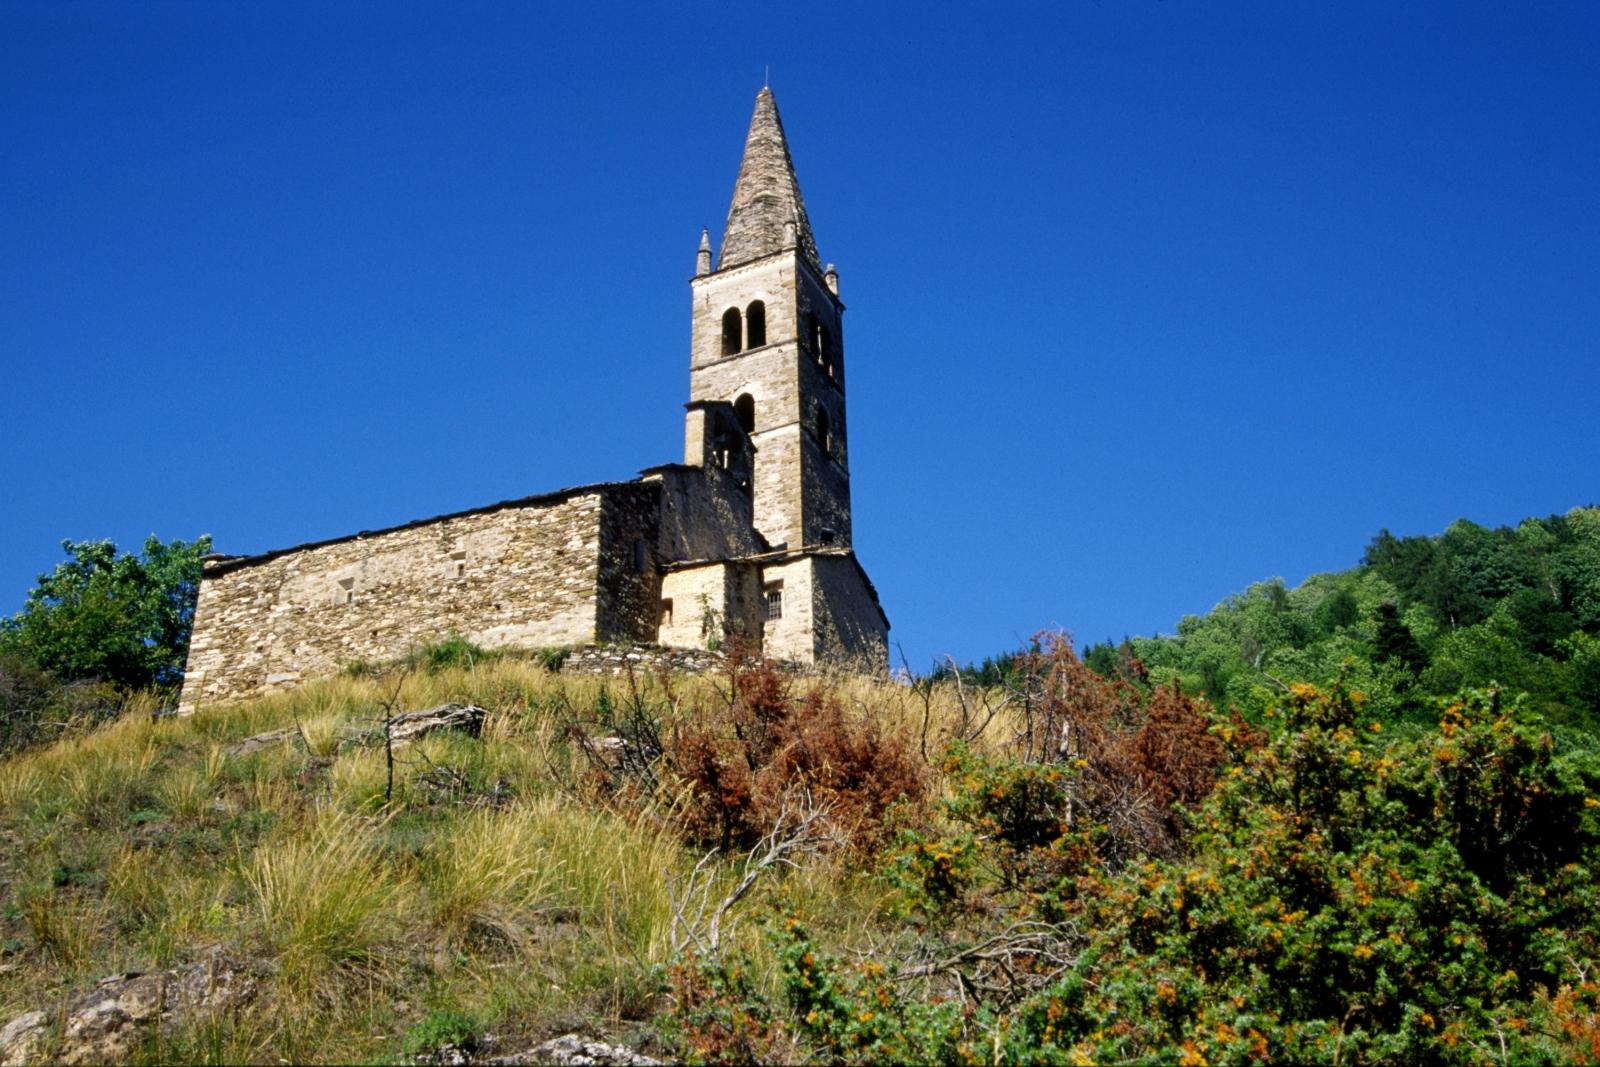 Stroppo (Cn) e la chiesa di San Peyre